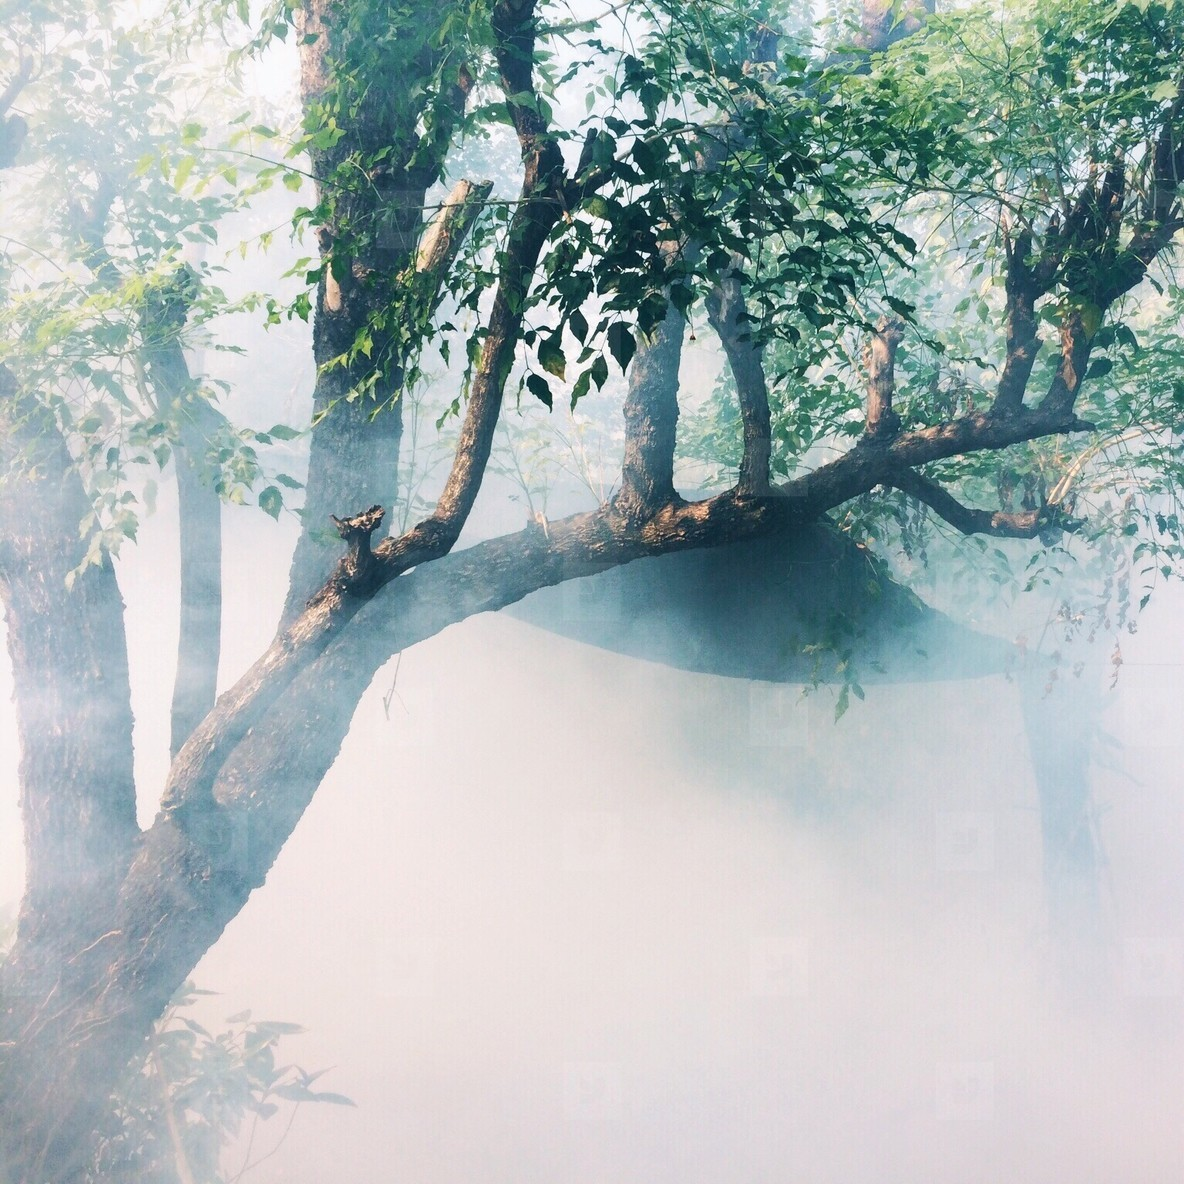 Misty autumn forest tree